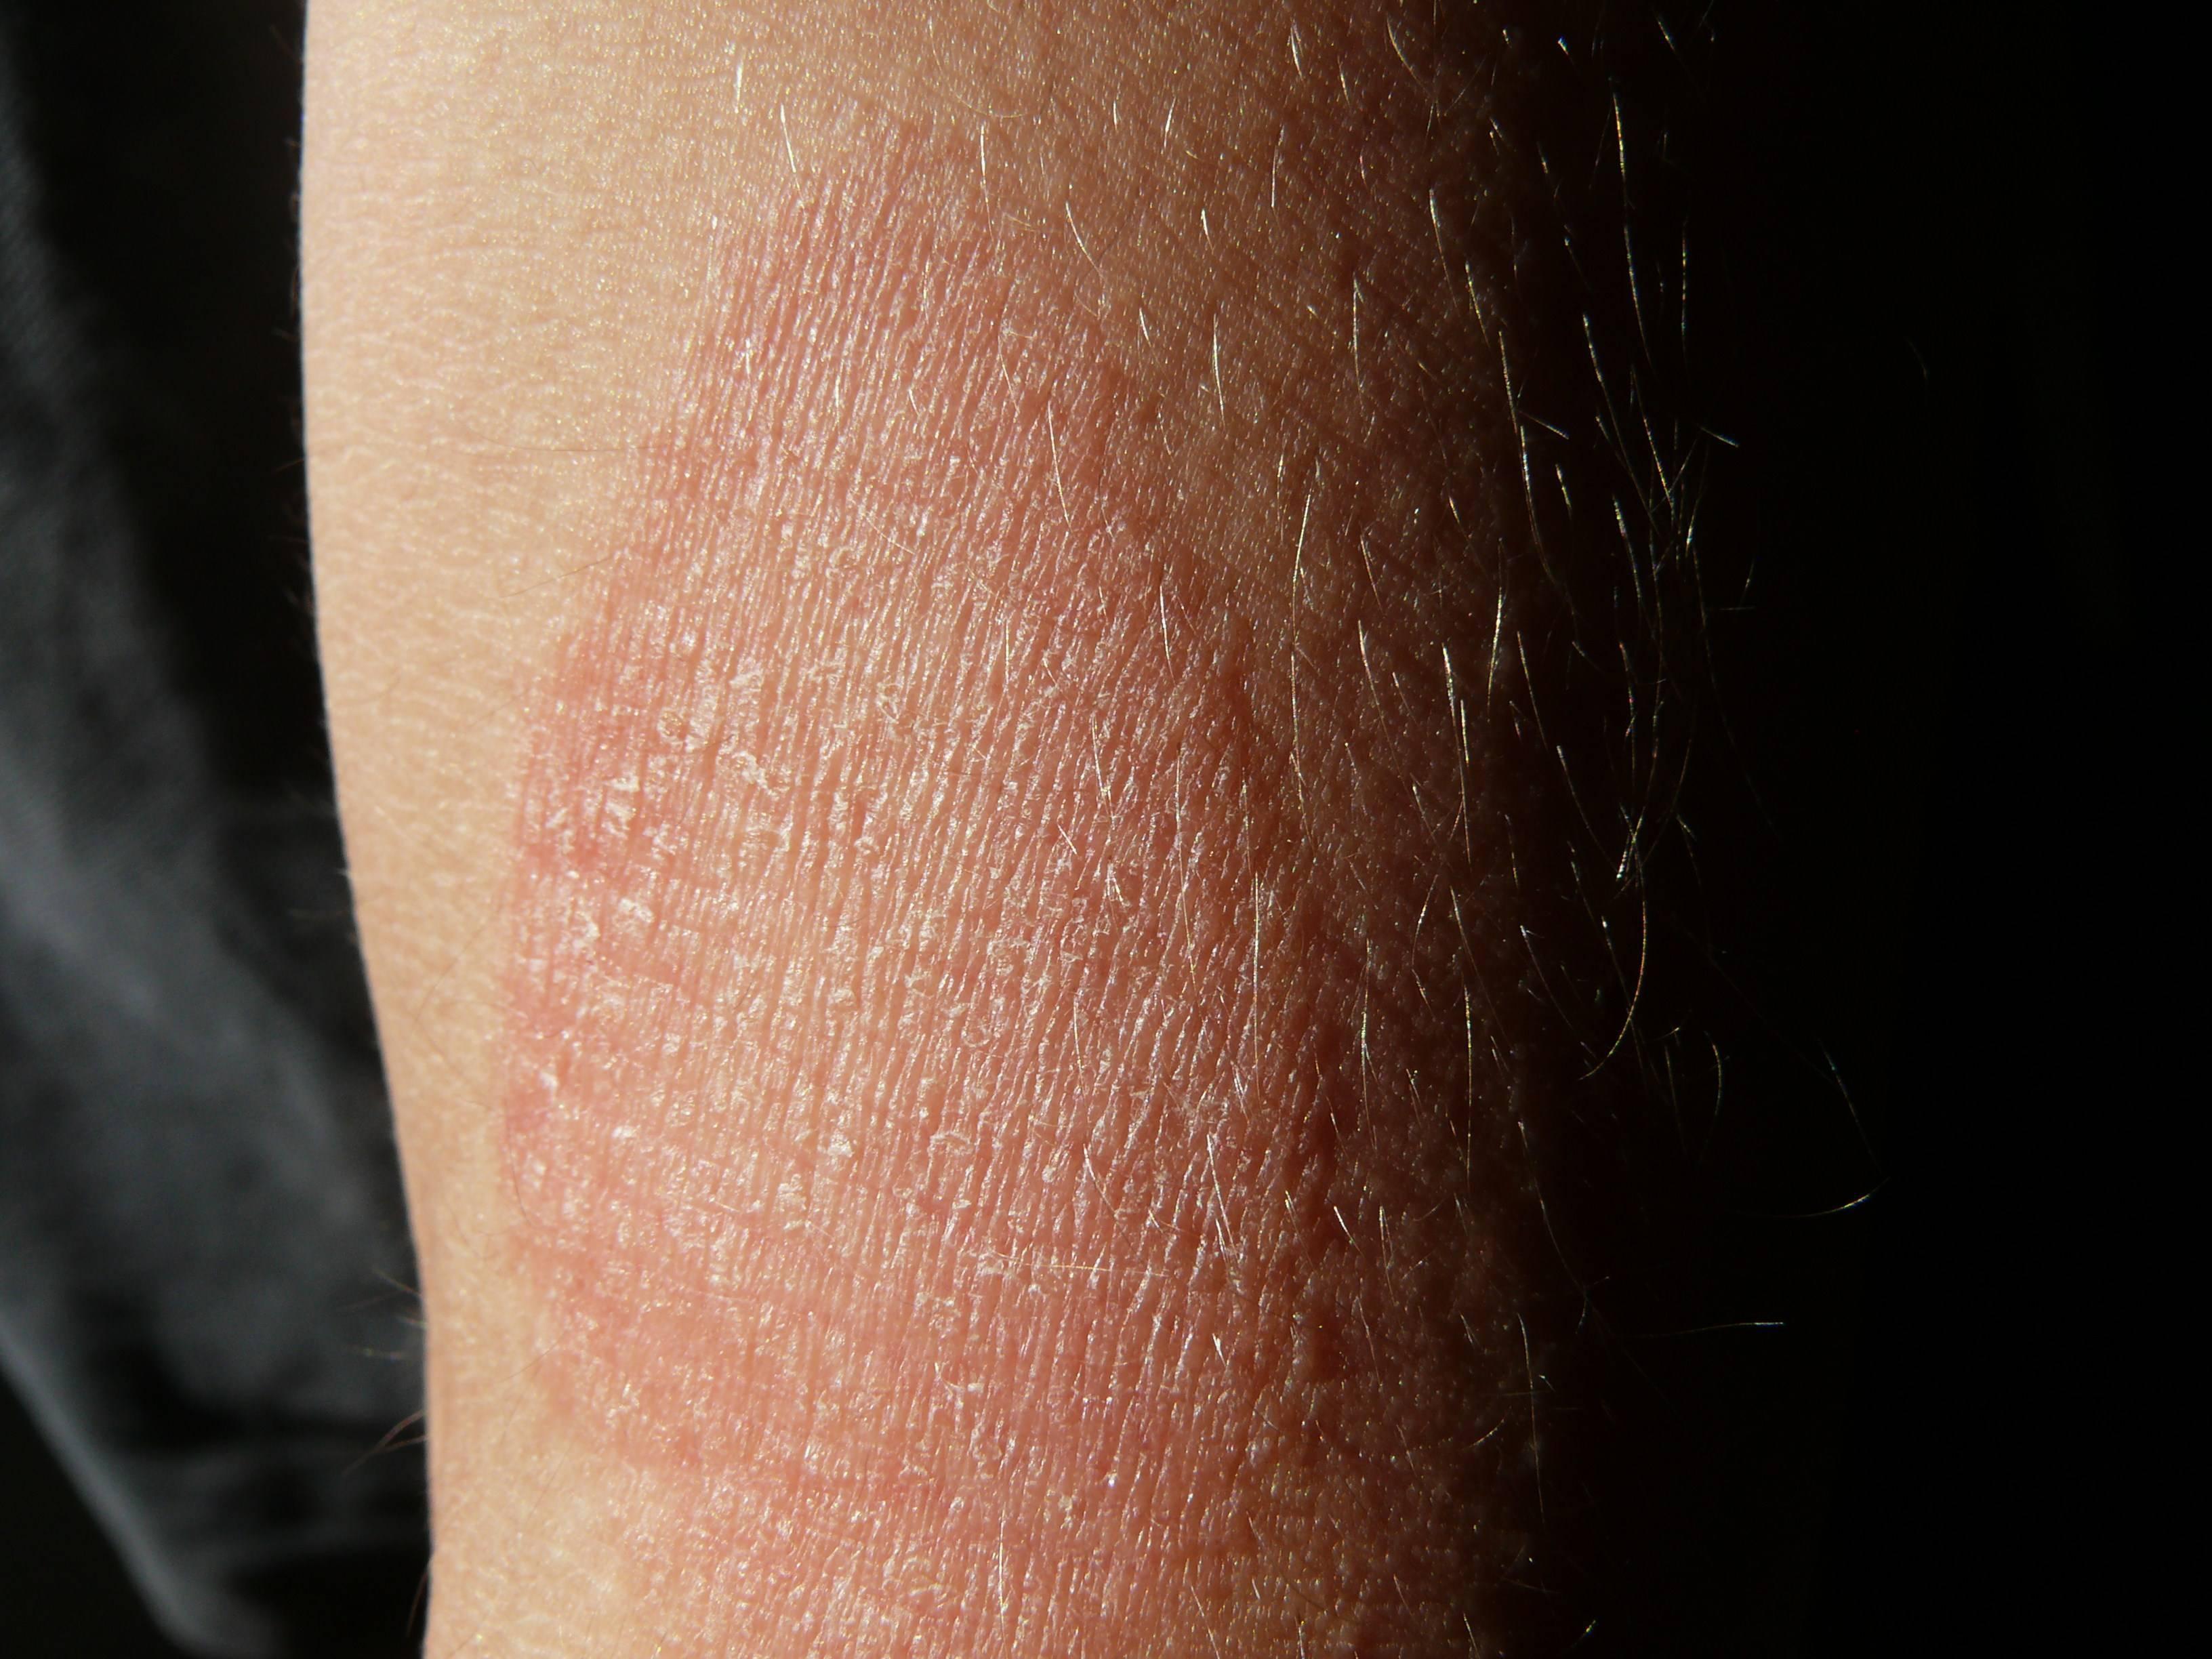 дерматит на локтевом сгибе